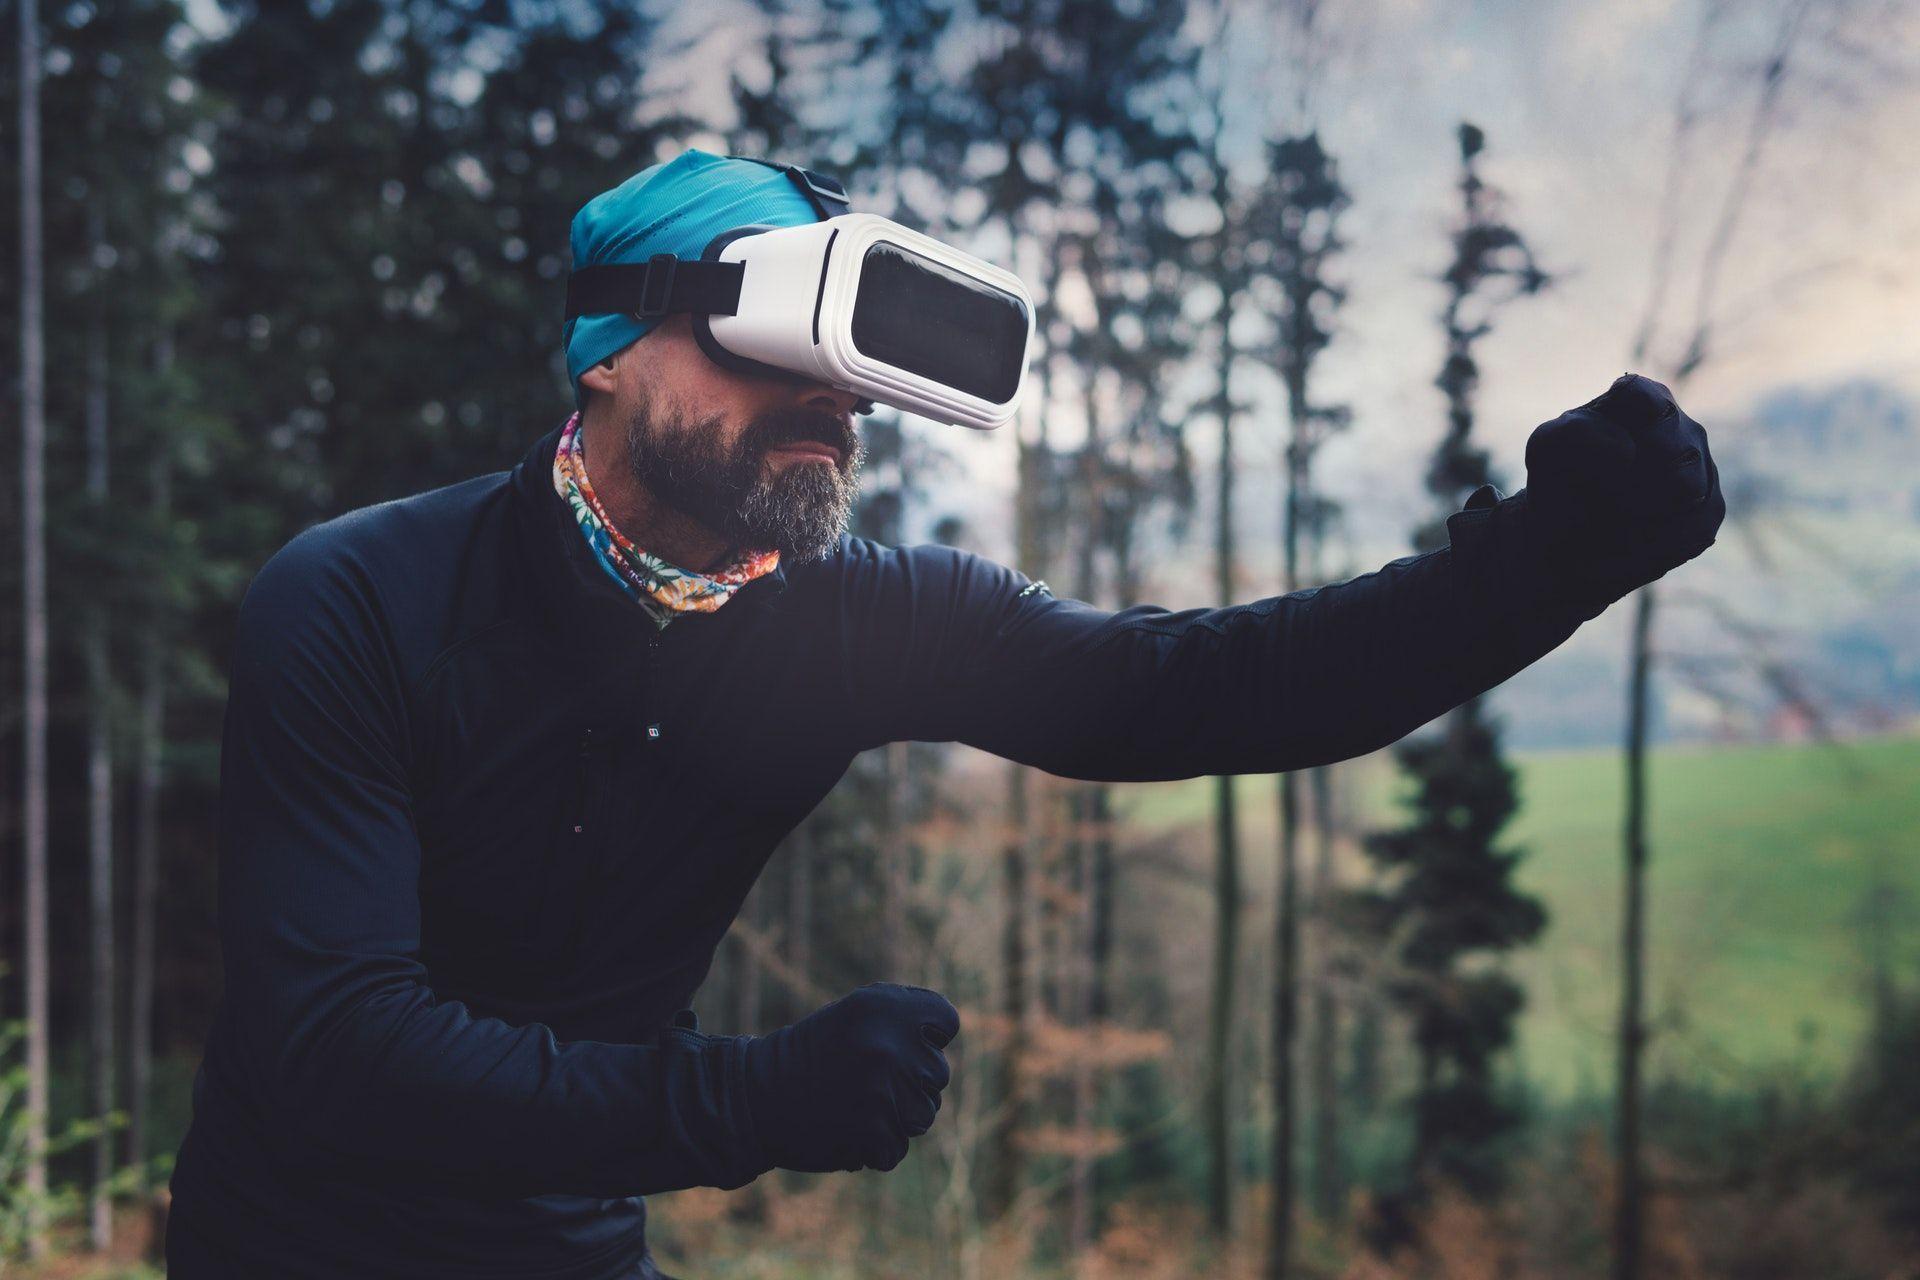 Realidad Virtual Y Sustentabilidad 1 | Virtual Reality And Sustainability 1